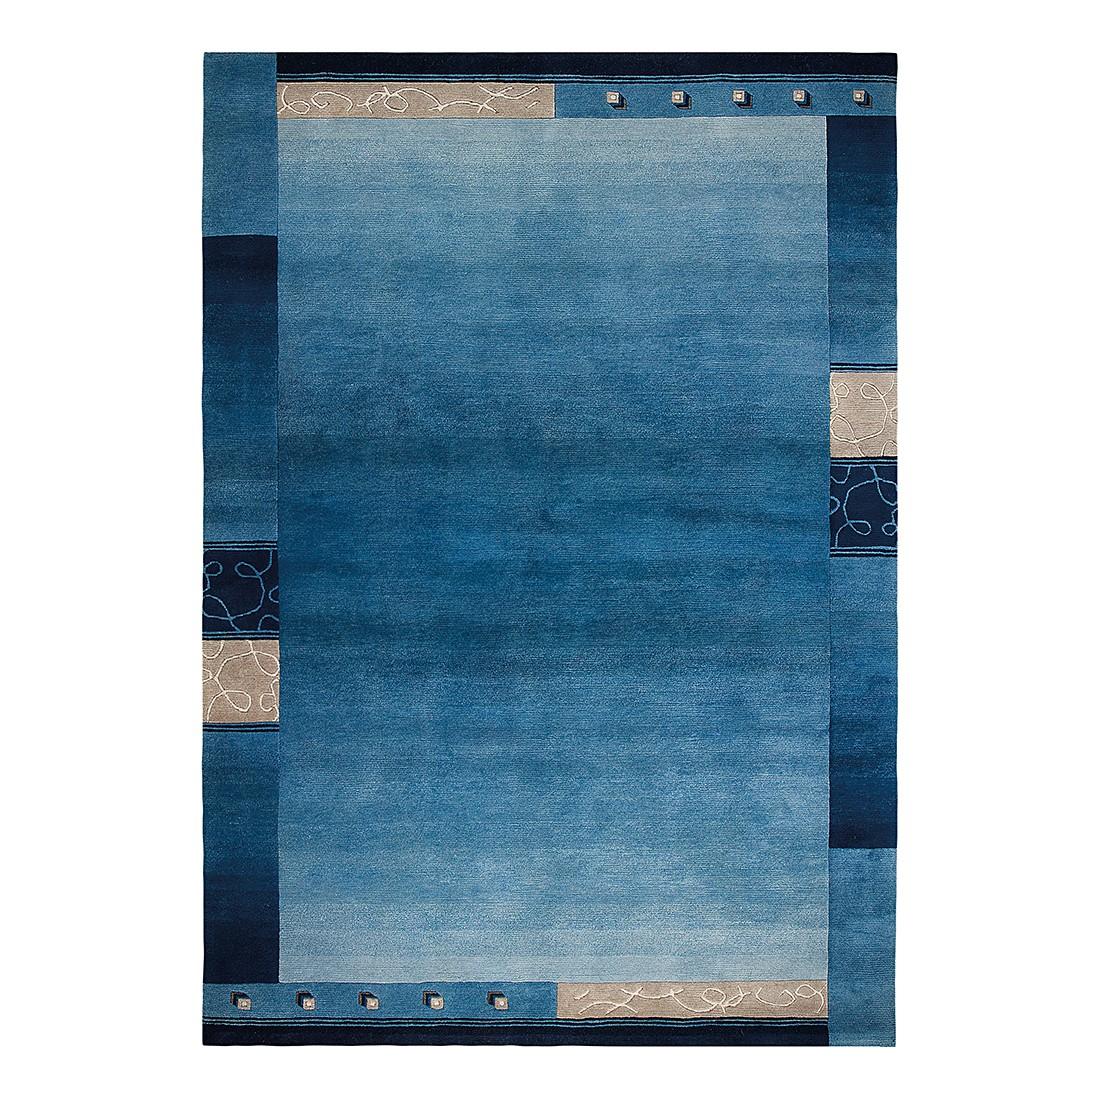 Teppich Super Q – Wolle/ Blau – 90 cm x 160 cm, Luxor living jetzt kaufen